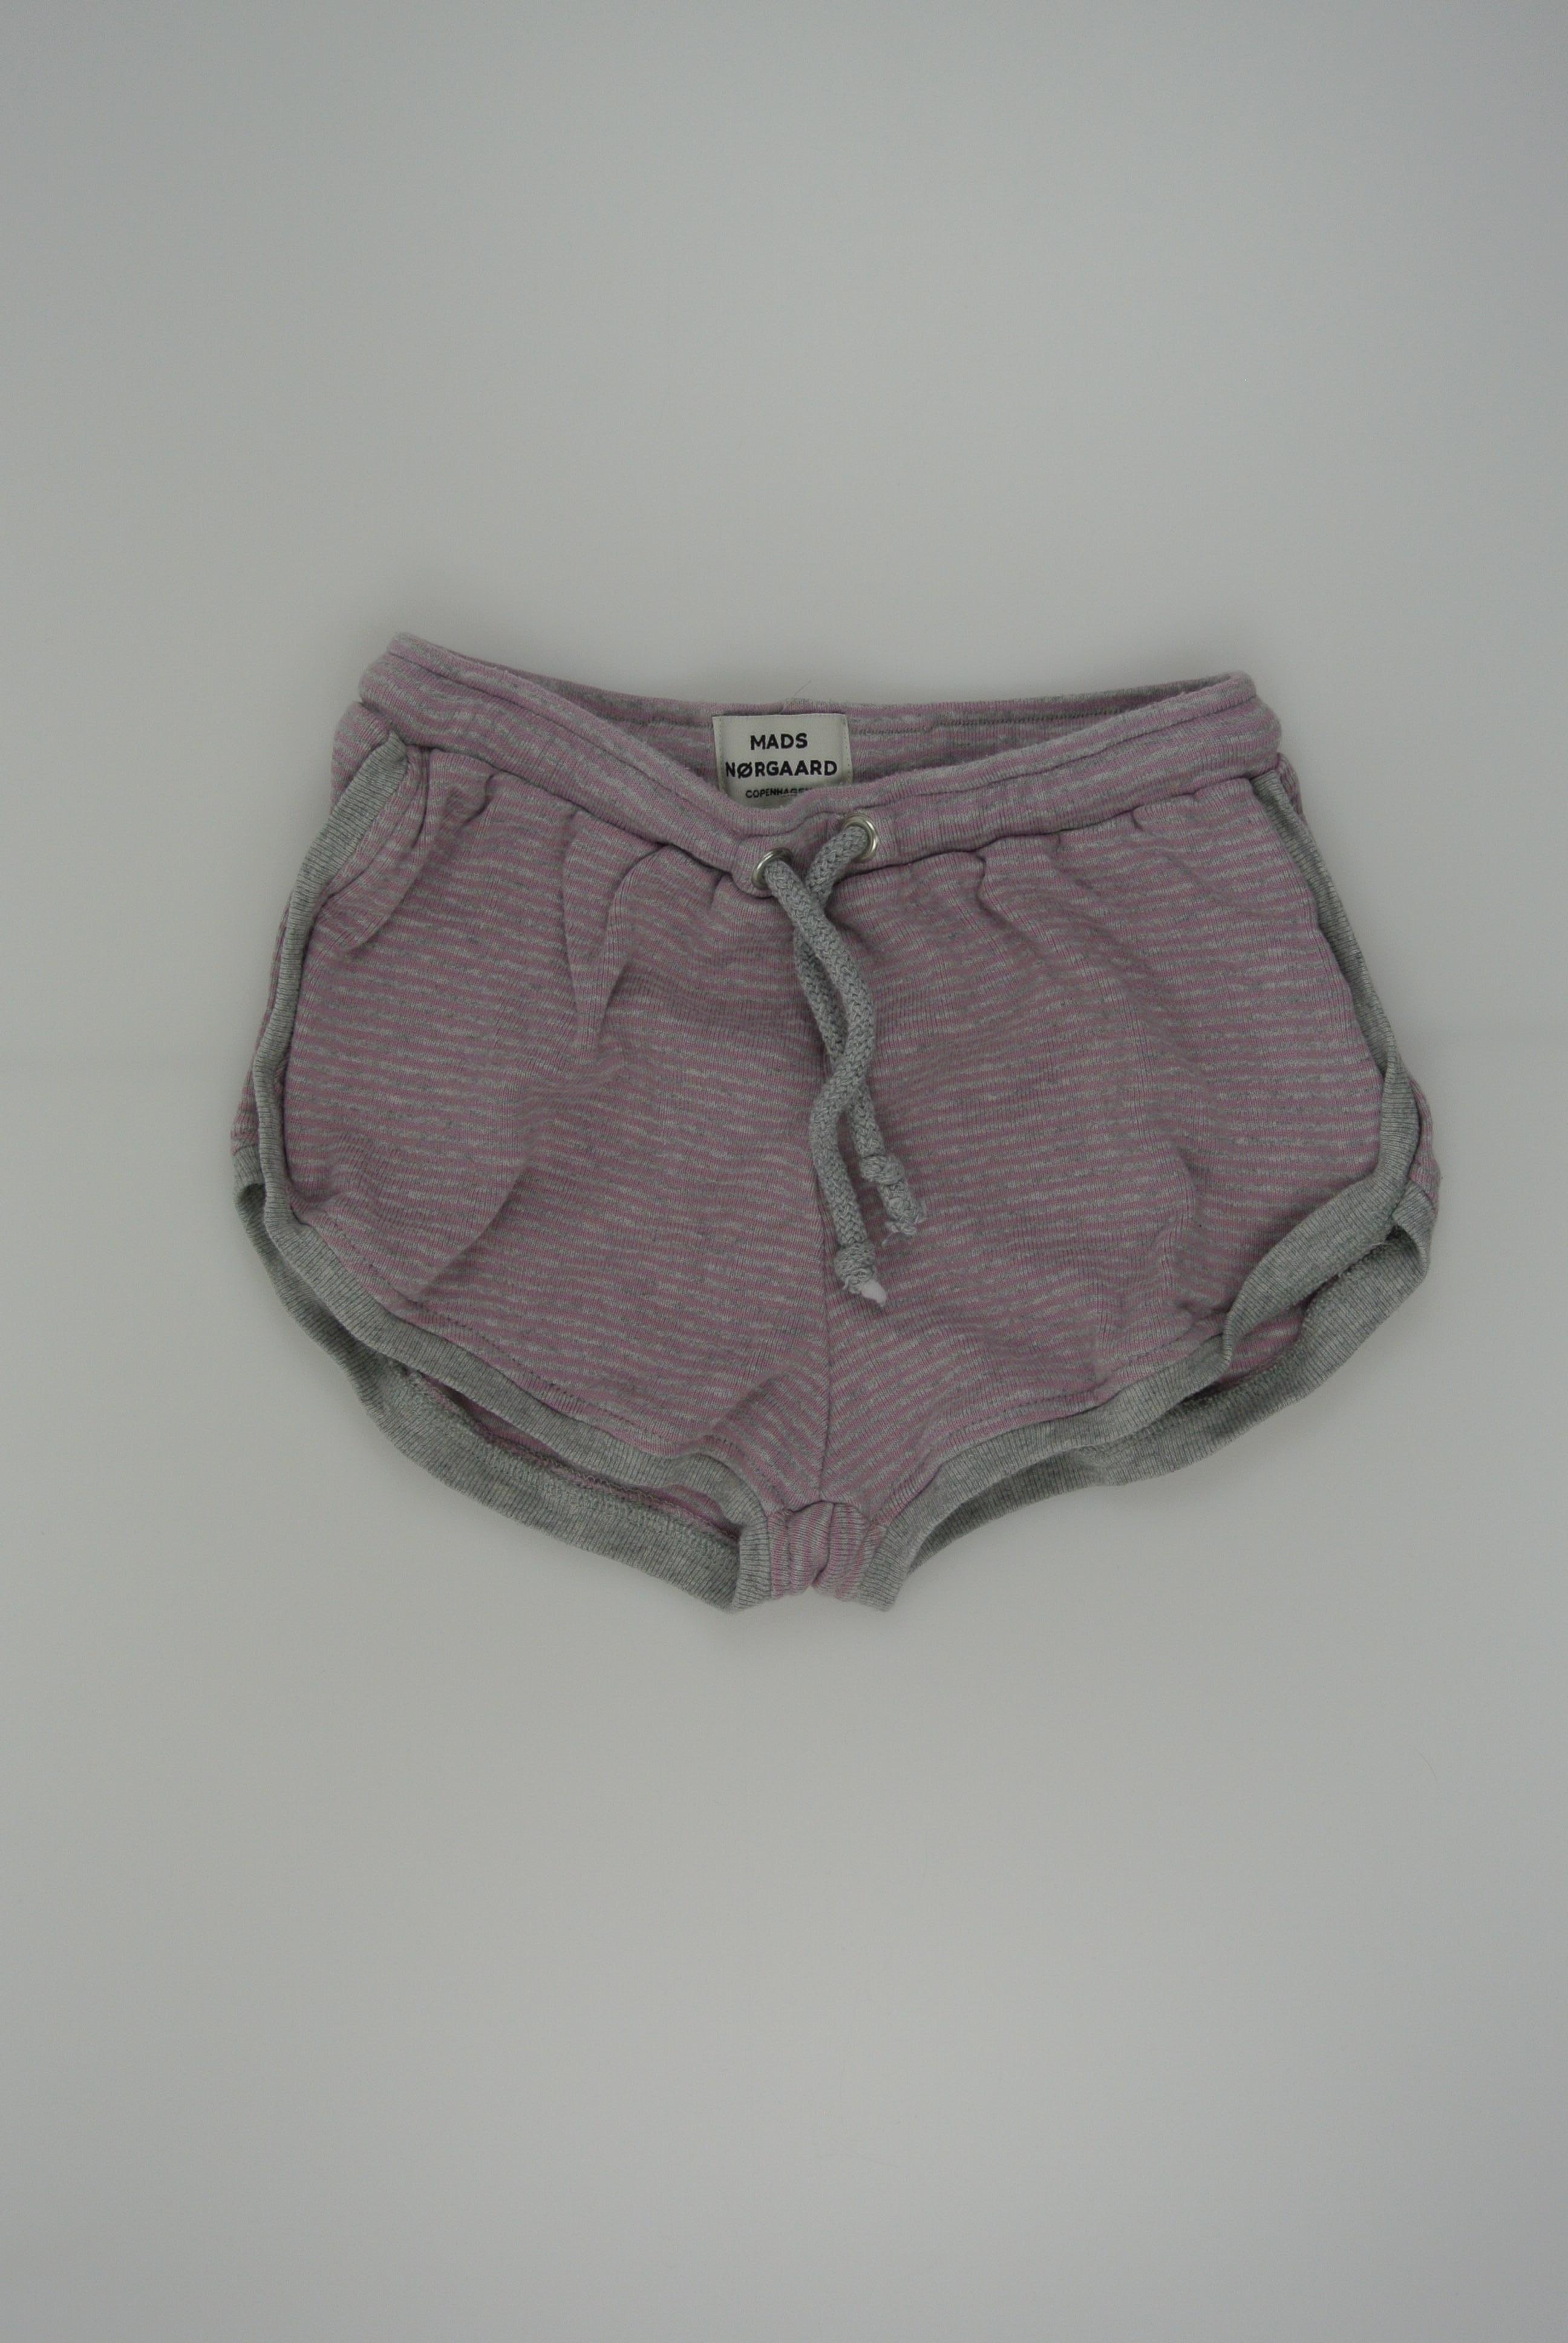 Mads Nørgaard shorts str 86 pige